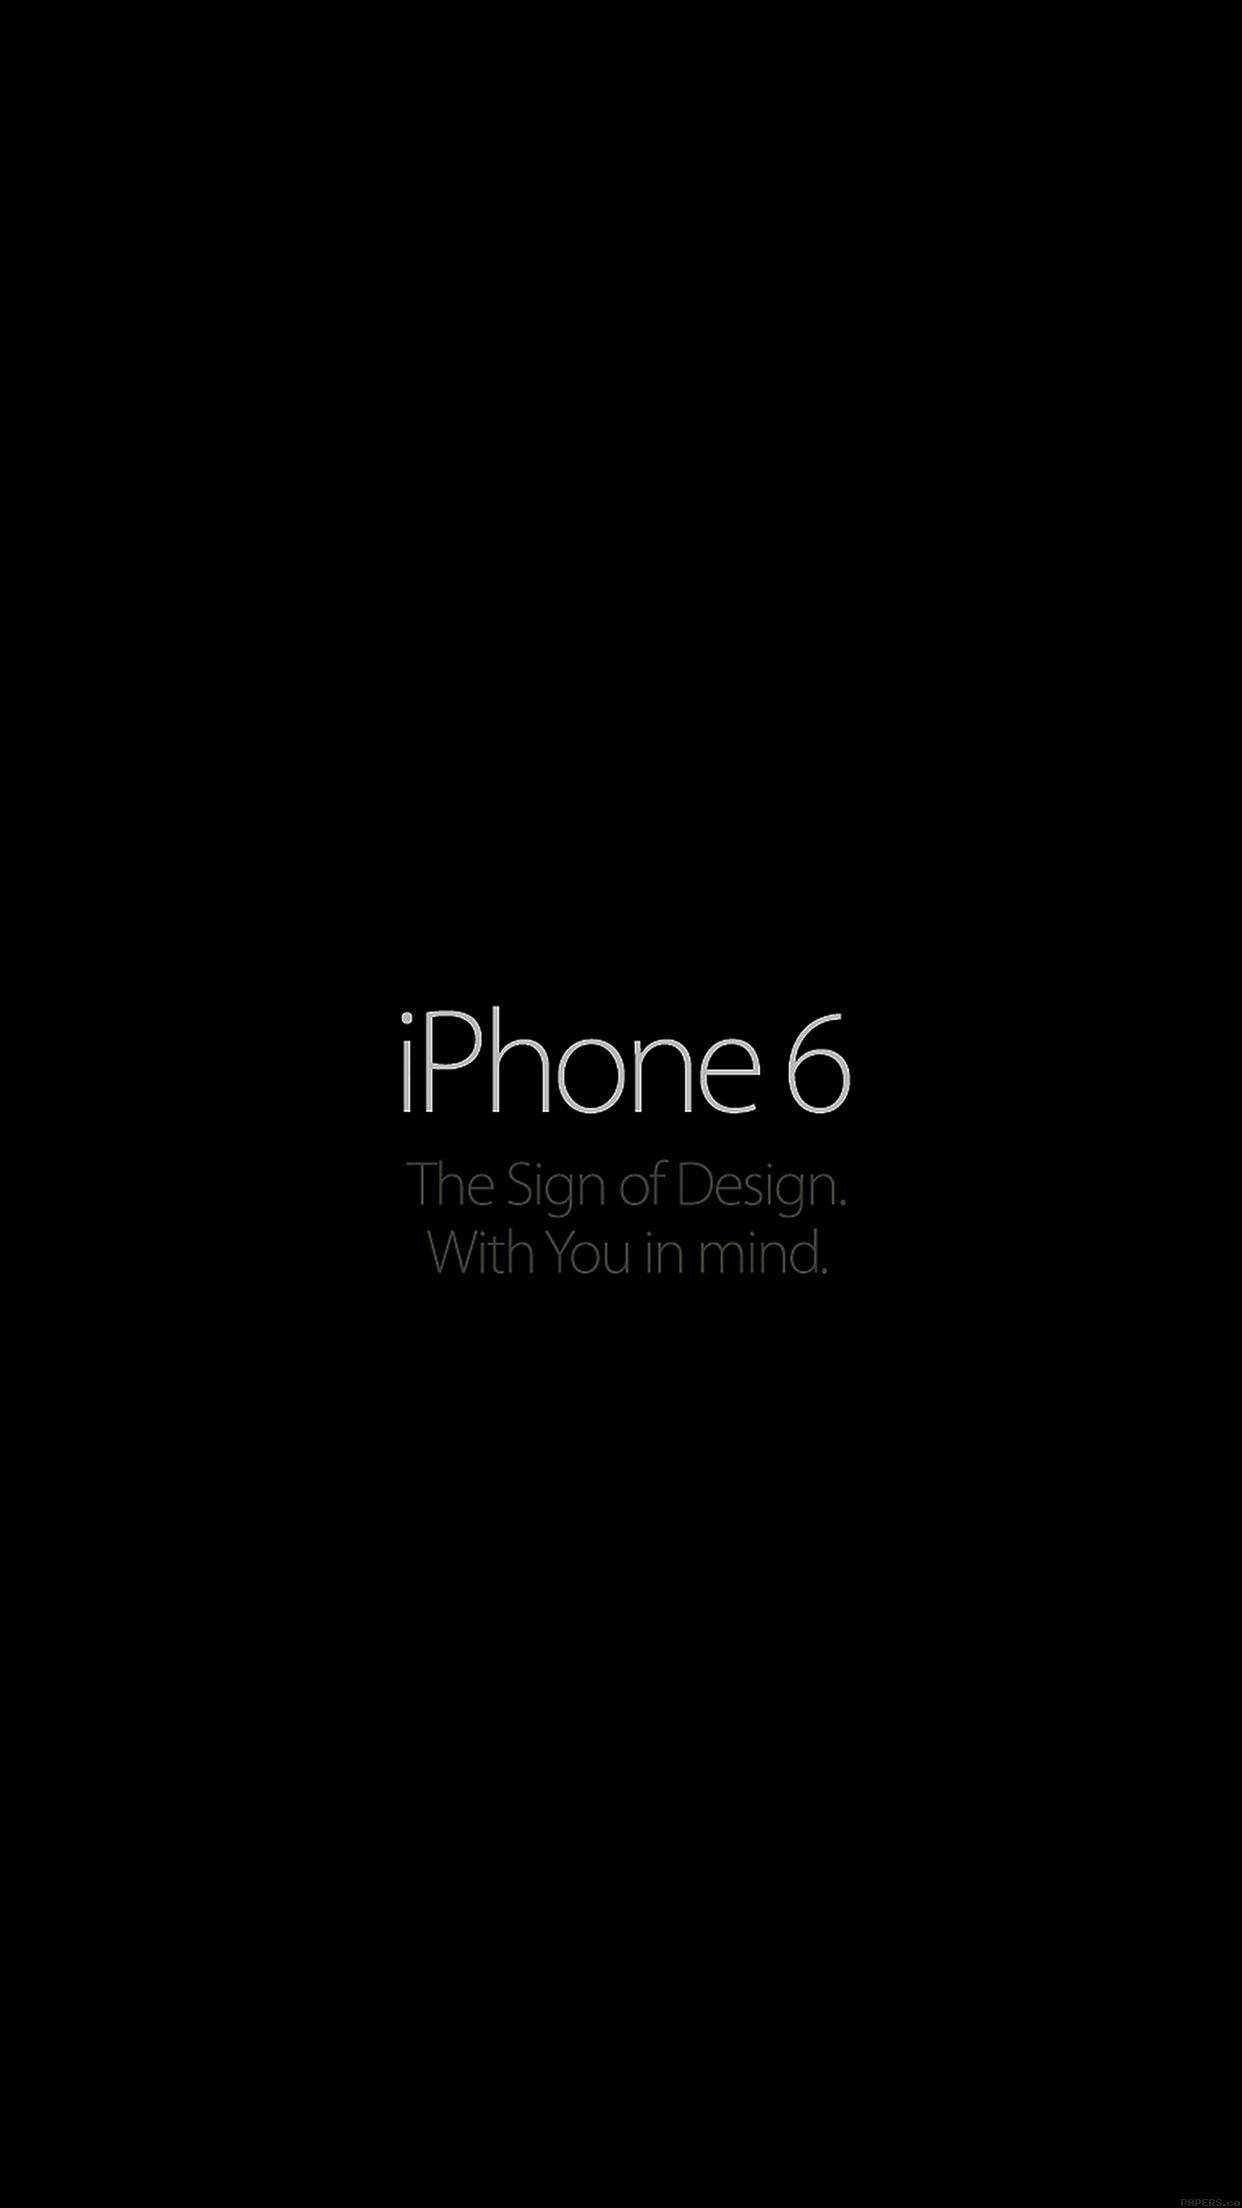 7000 Wallpaper Black Iphone 6  Gratis